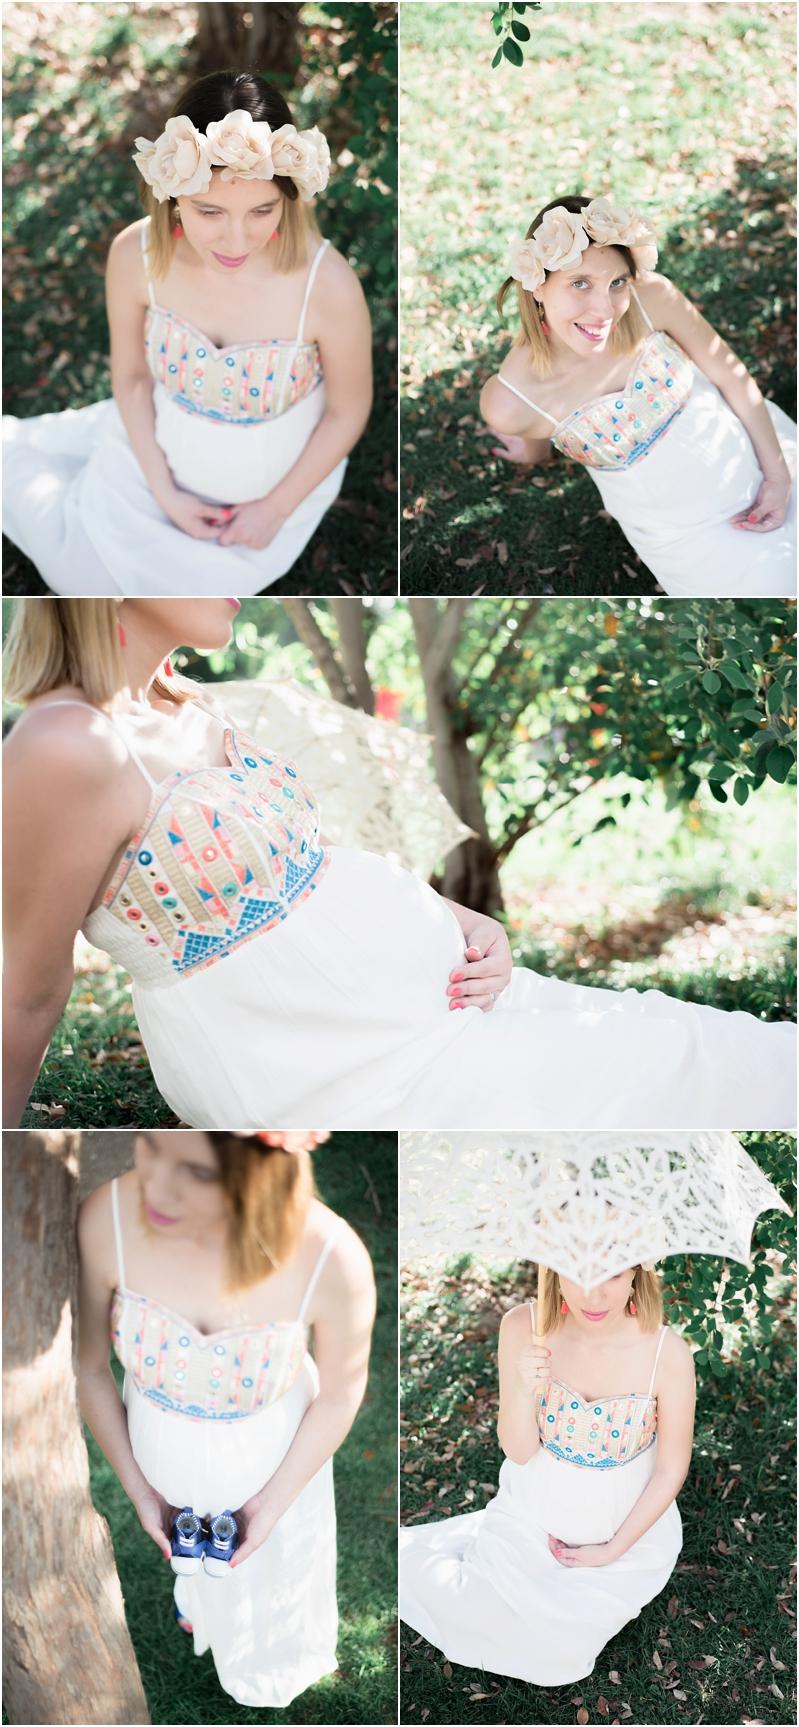 Sesión fotográfica de Embarazo, Maternidad